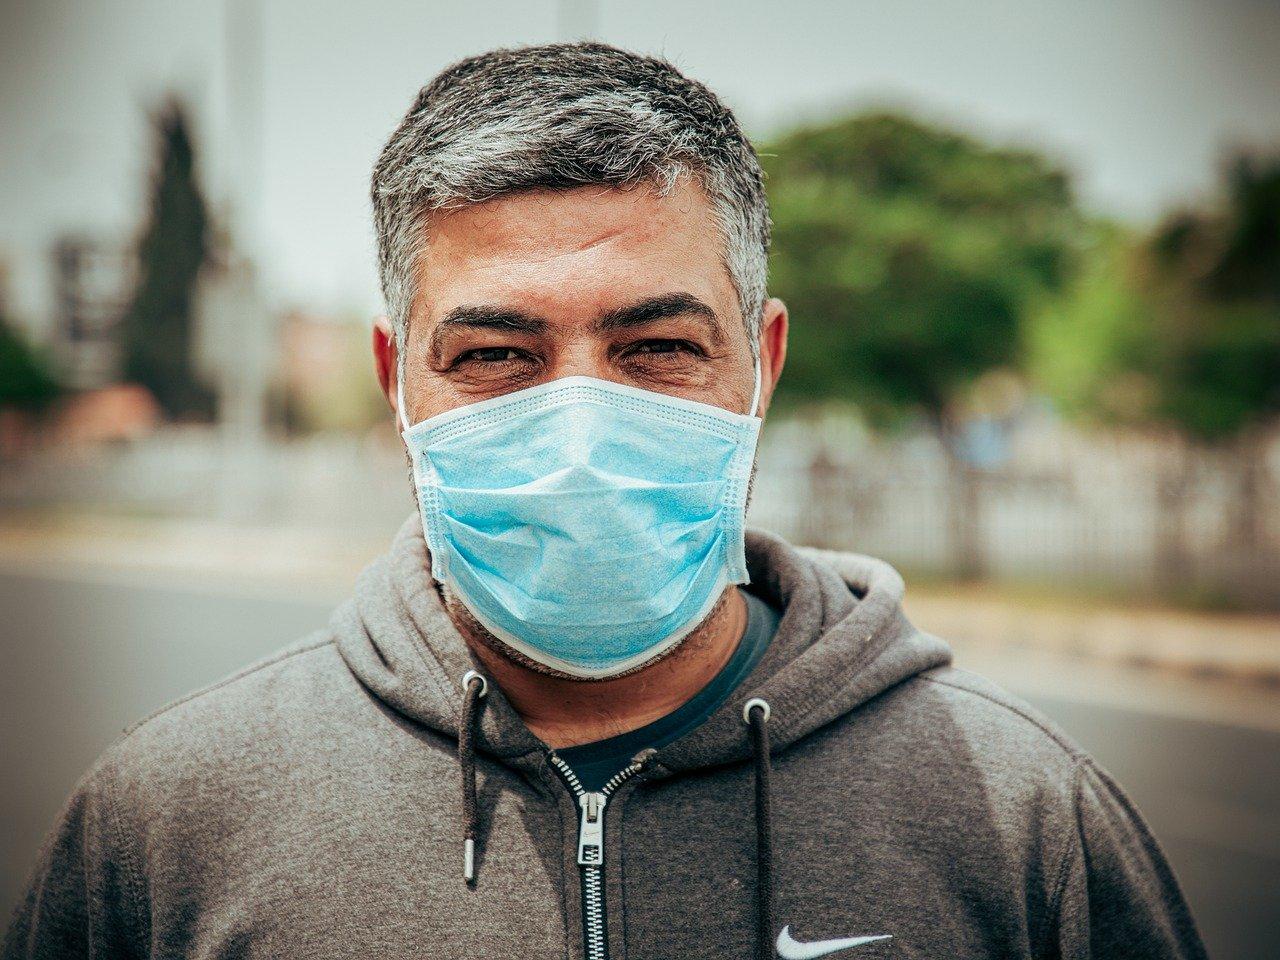 wearing facemask